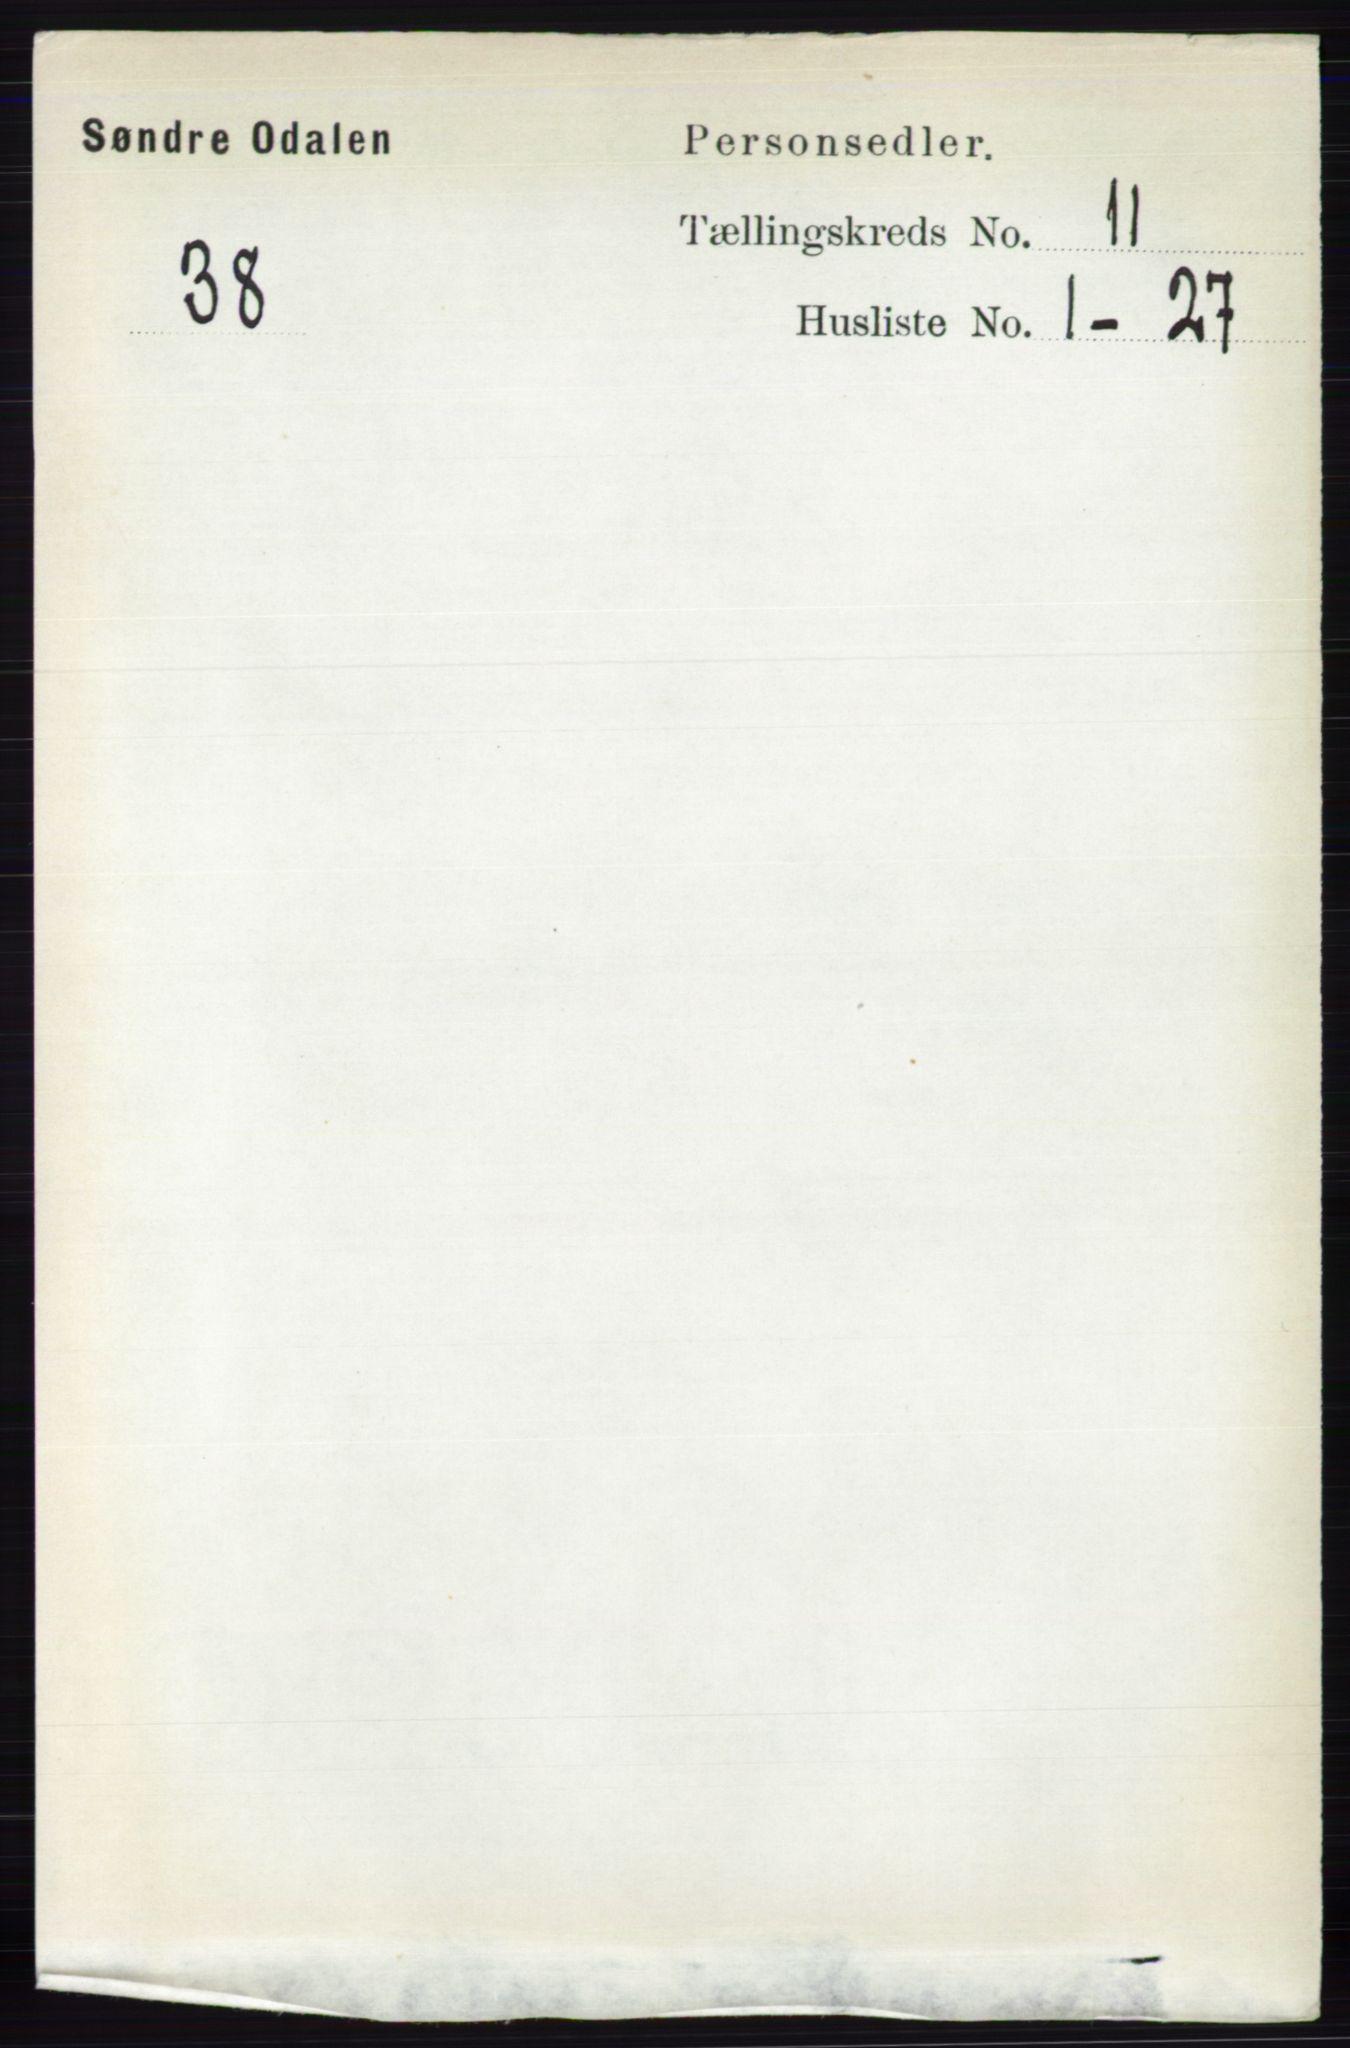 RA, Folketelling 1891 for 0419 Sør-Odal herred, 1891, s. 4903